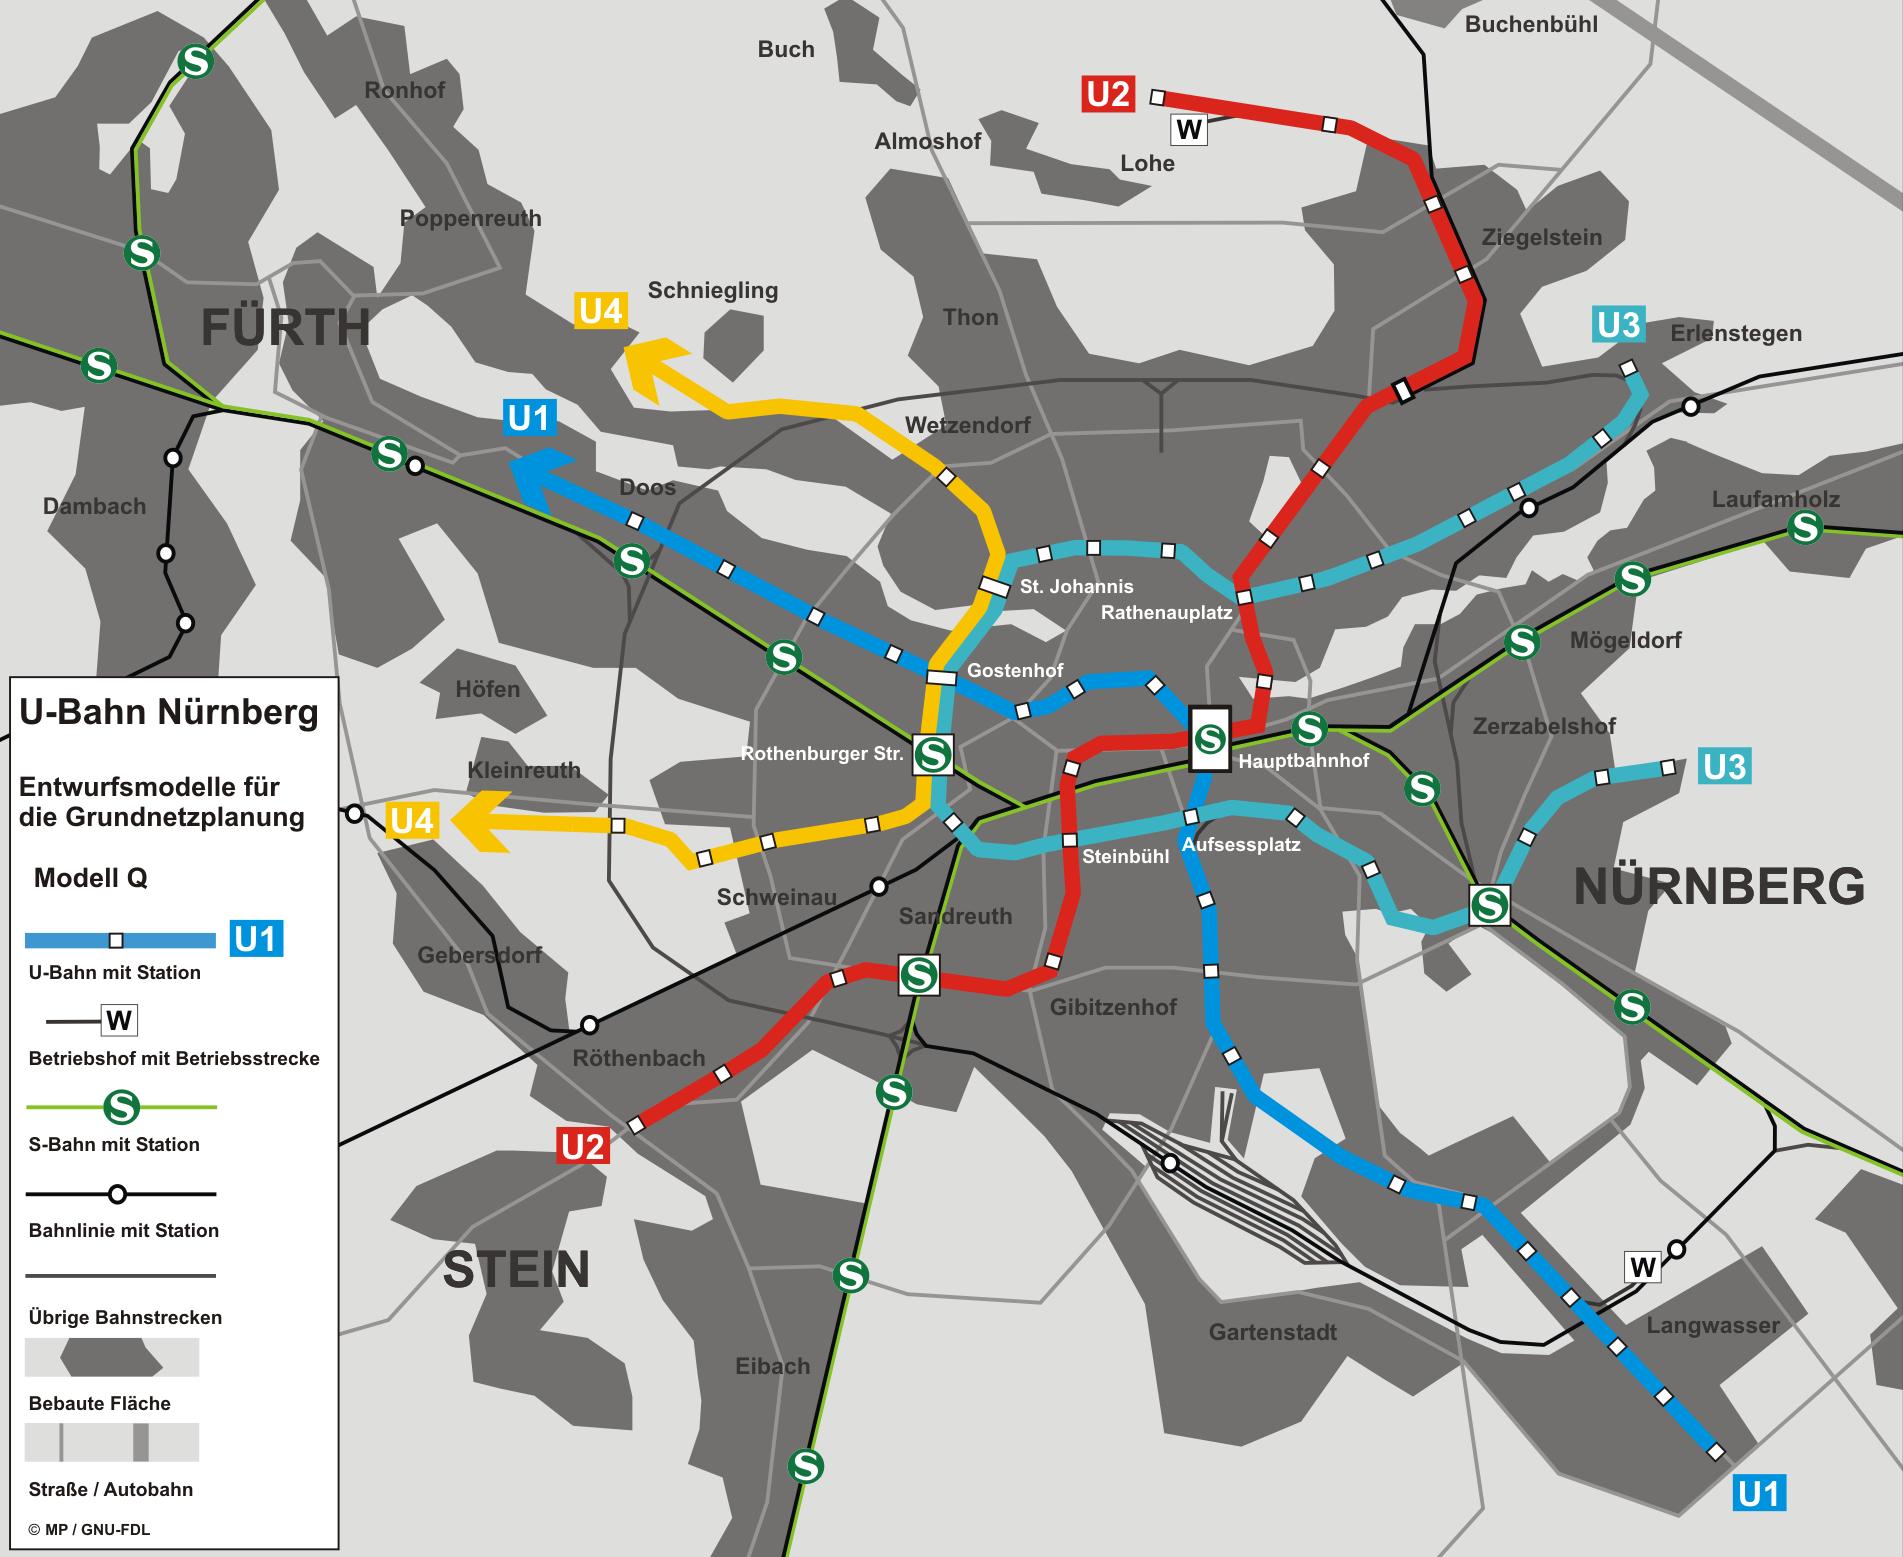 u Bahn Map Nuremberg U-bahn Nuremberg Map